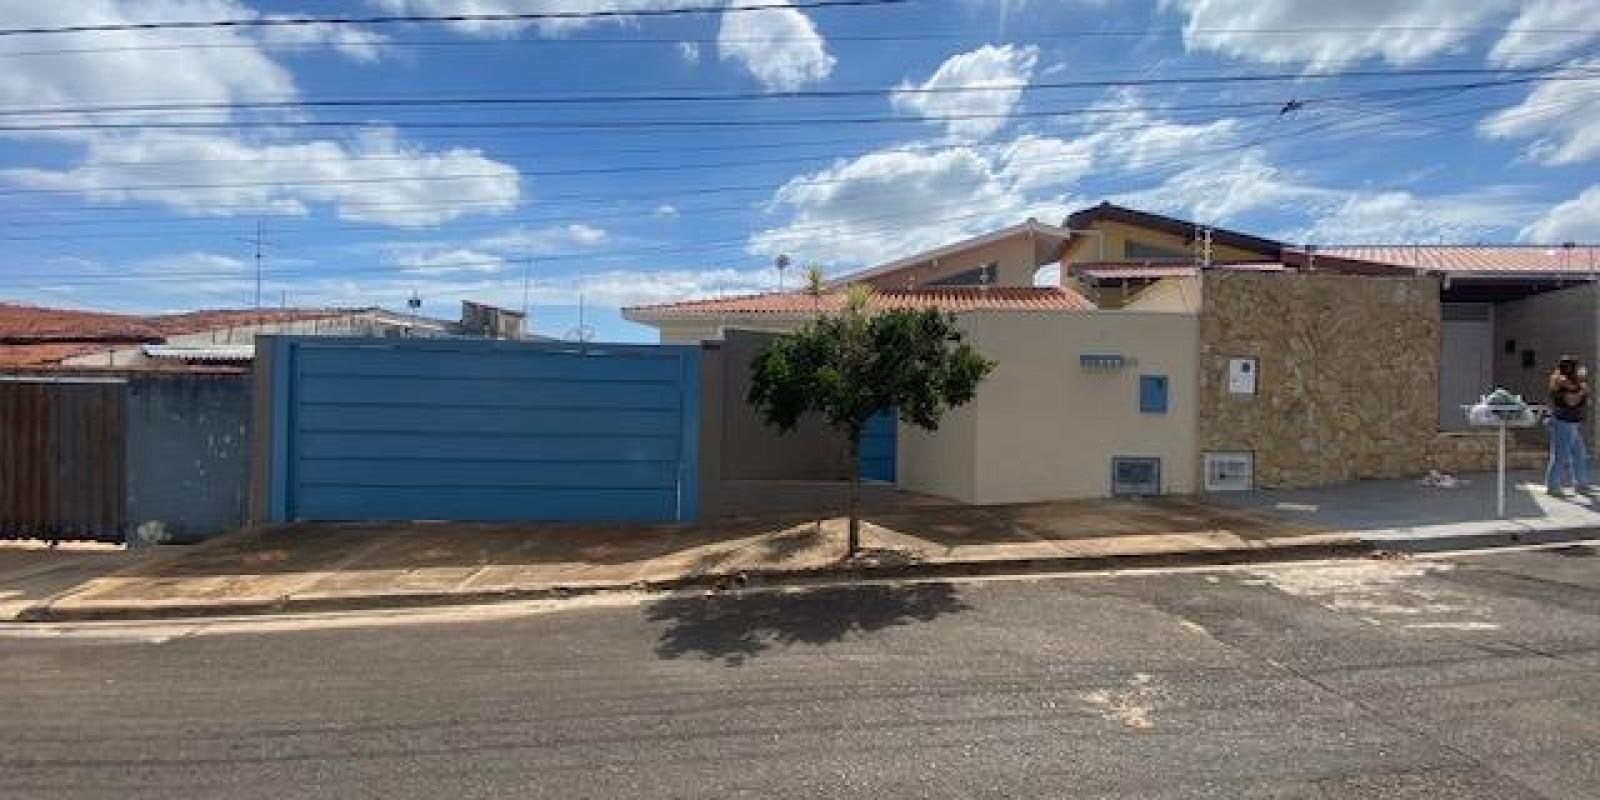 Casa no Bairro Brabancia em Avaré SP - Foto 23 de 24